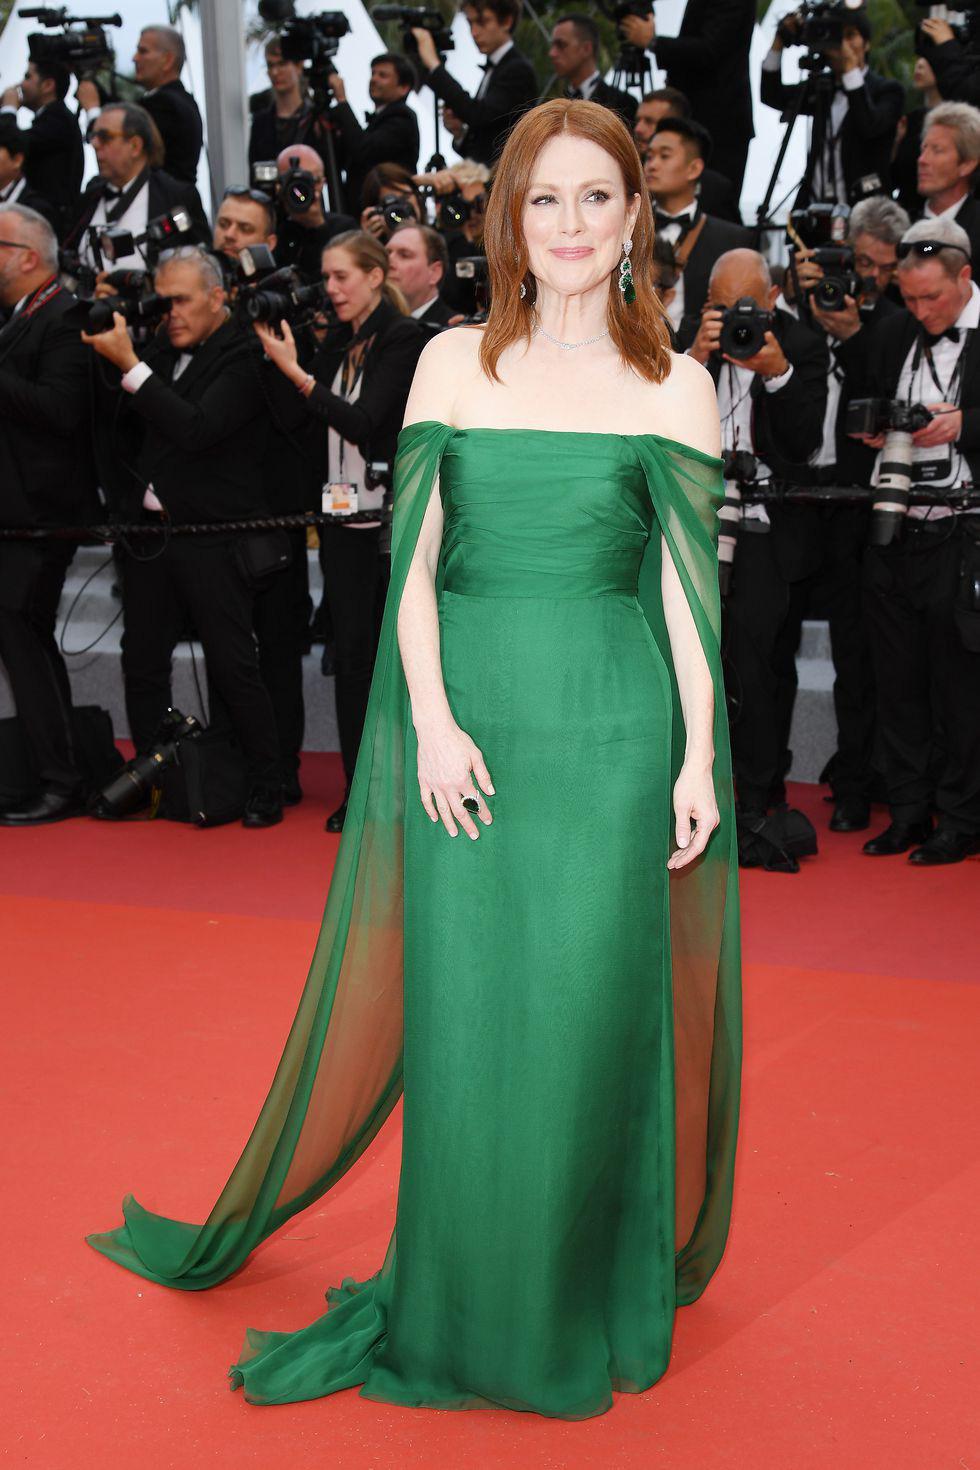 Cannes khai mạc với zombie, chính trị và bình đẳng giới - Ảnh 9.